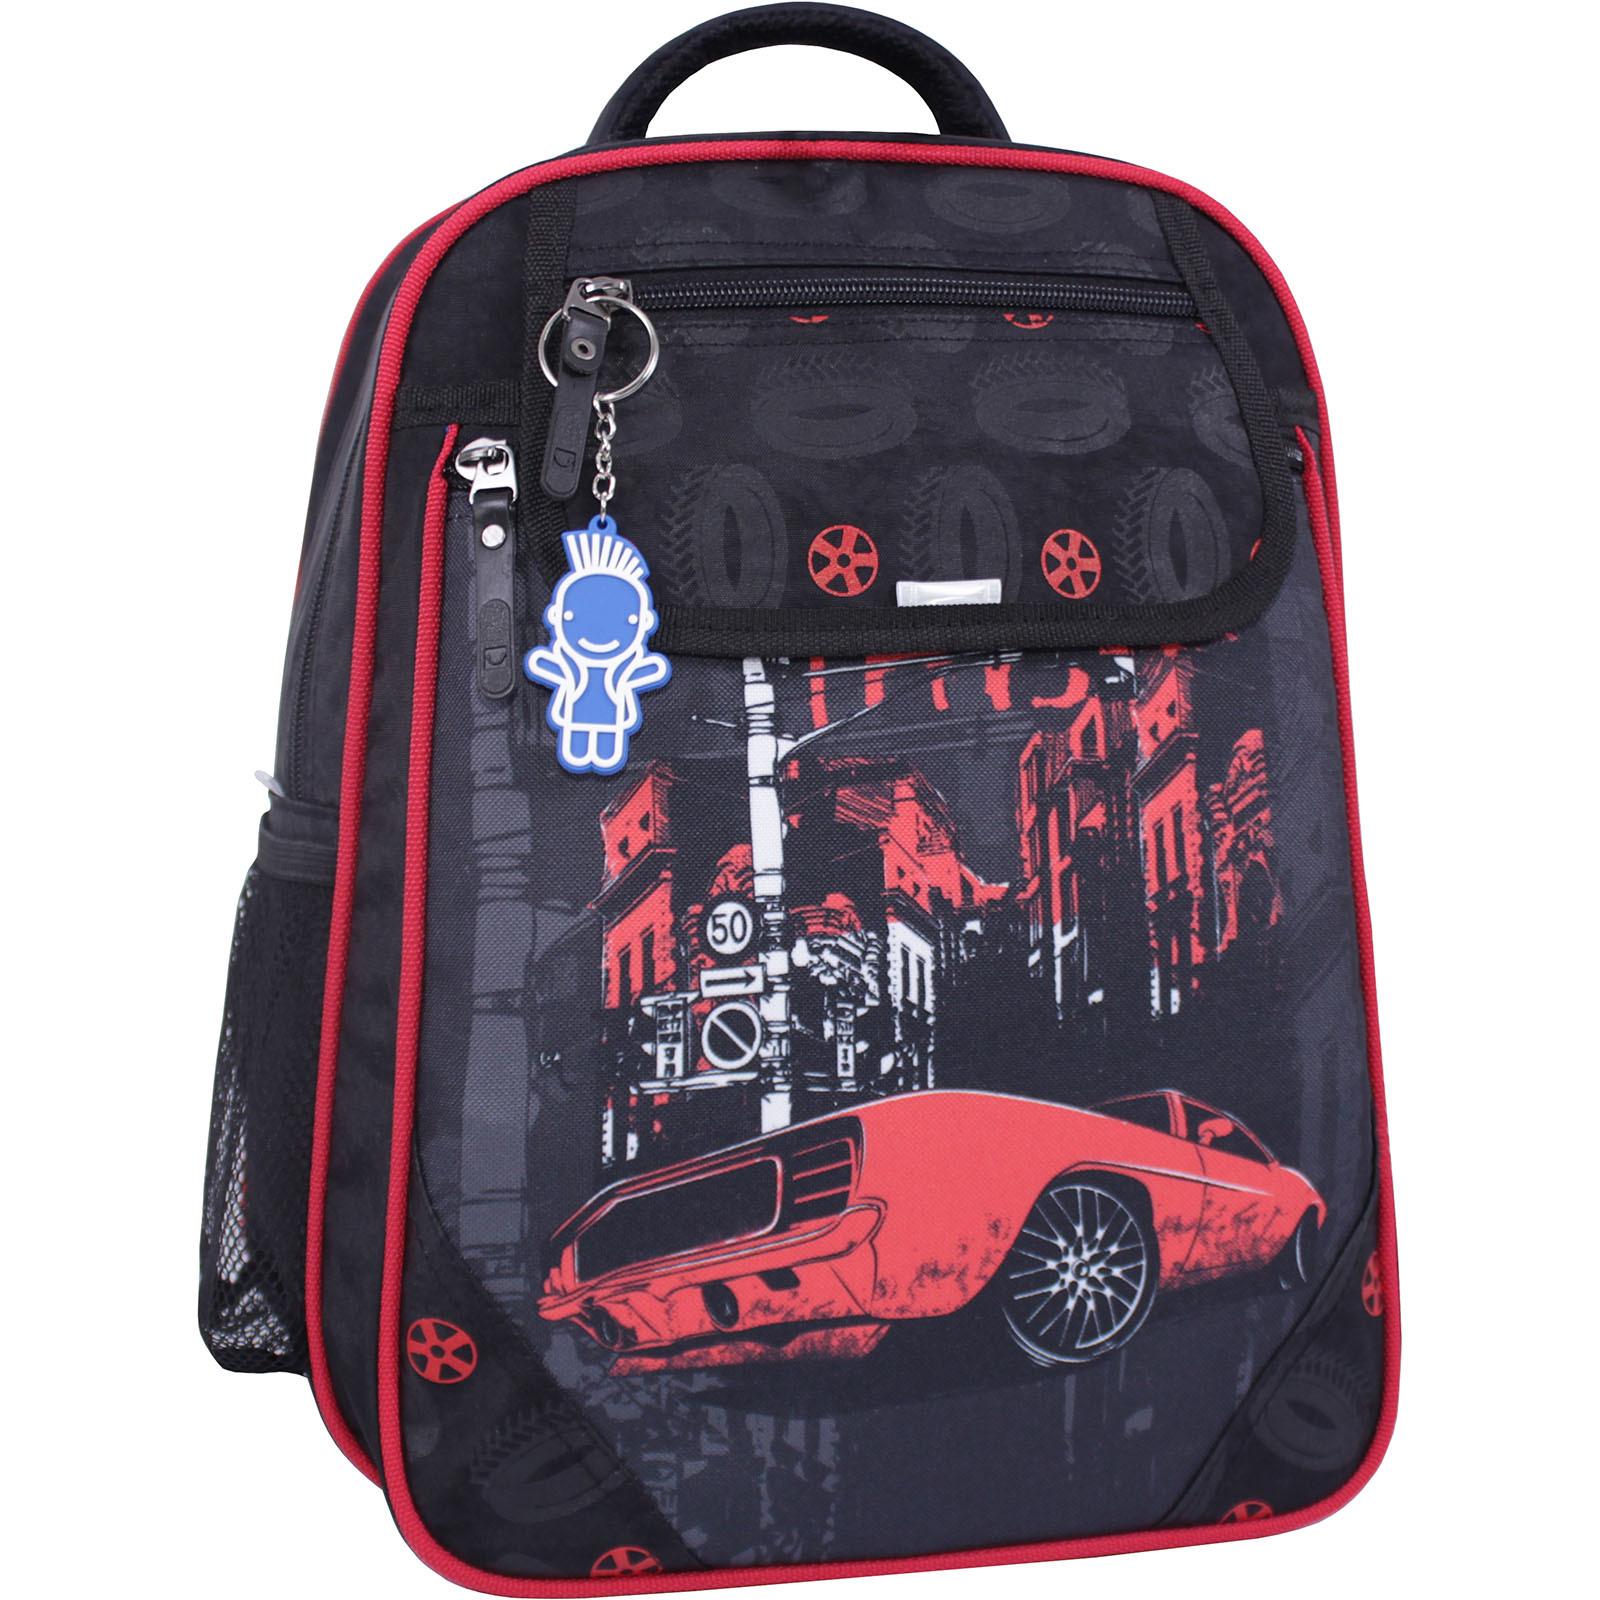 Рюкзак школьный Bagland Отличник 20 л. черный 568 (0058070) фото 1